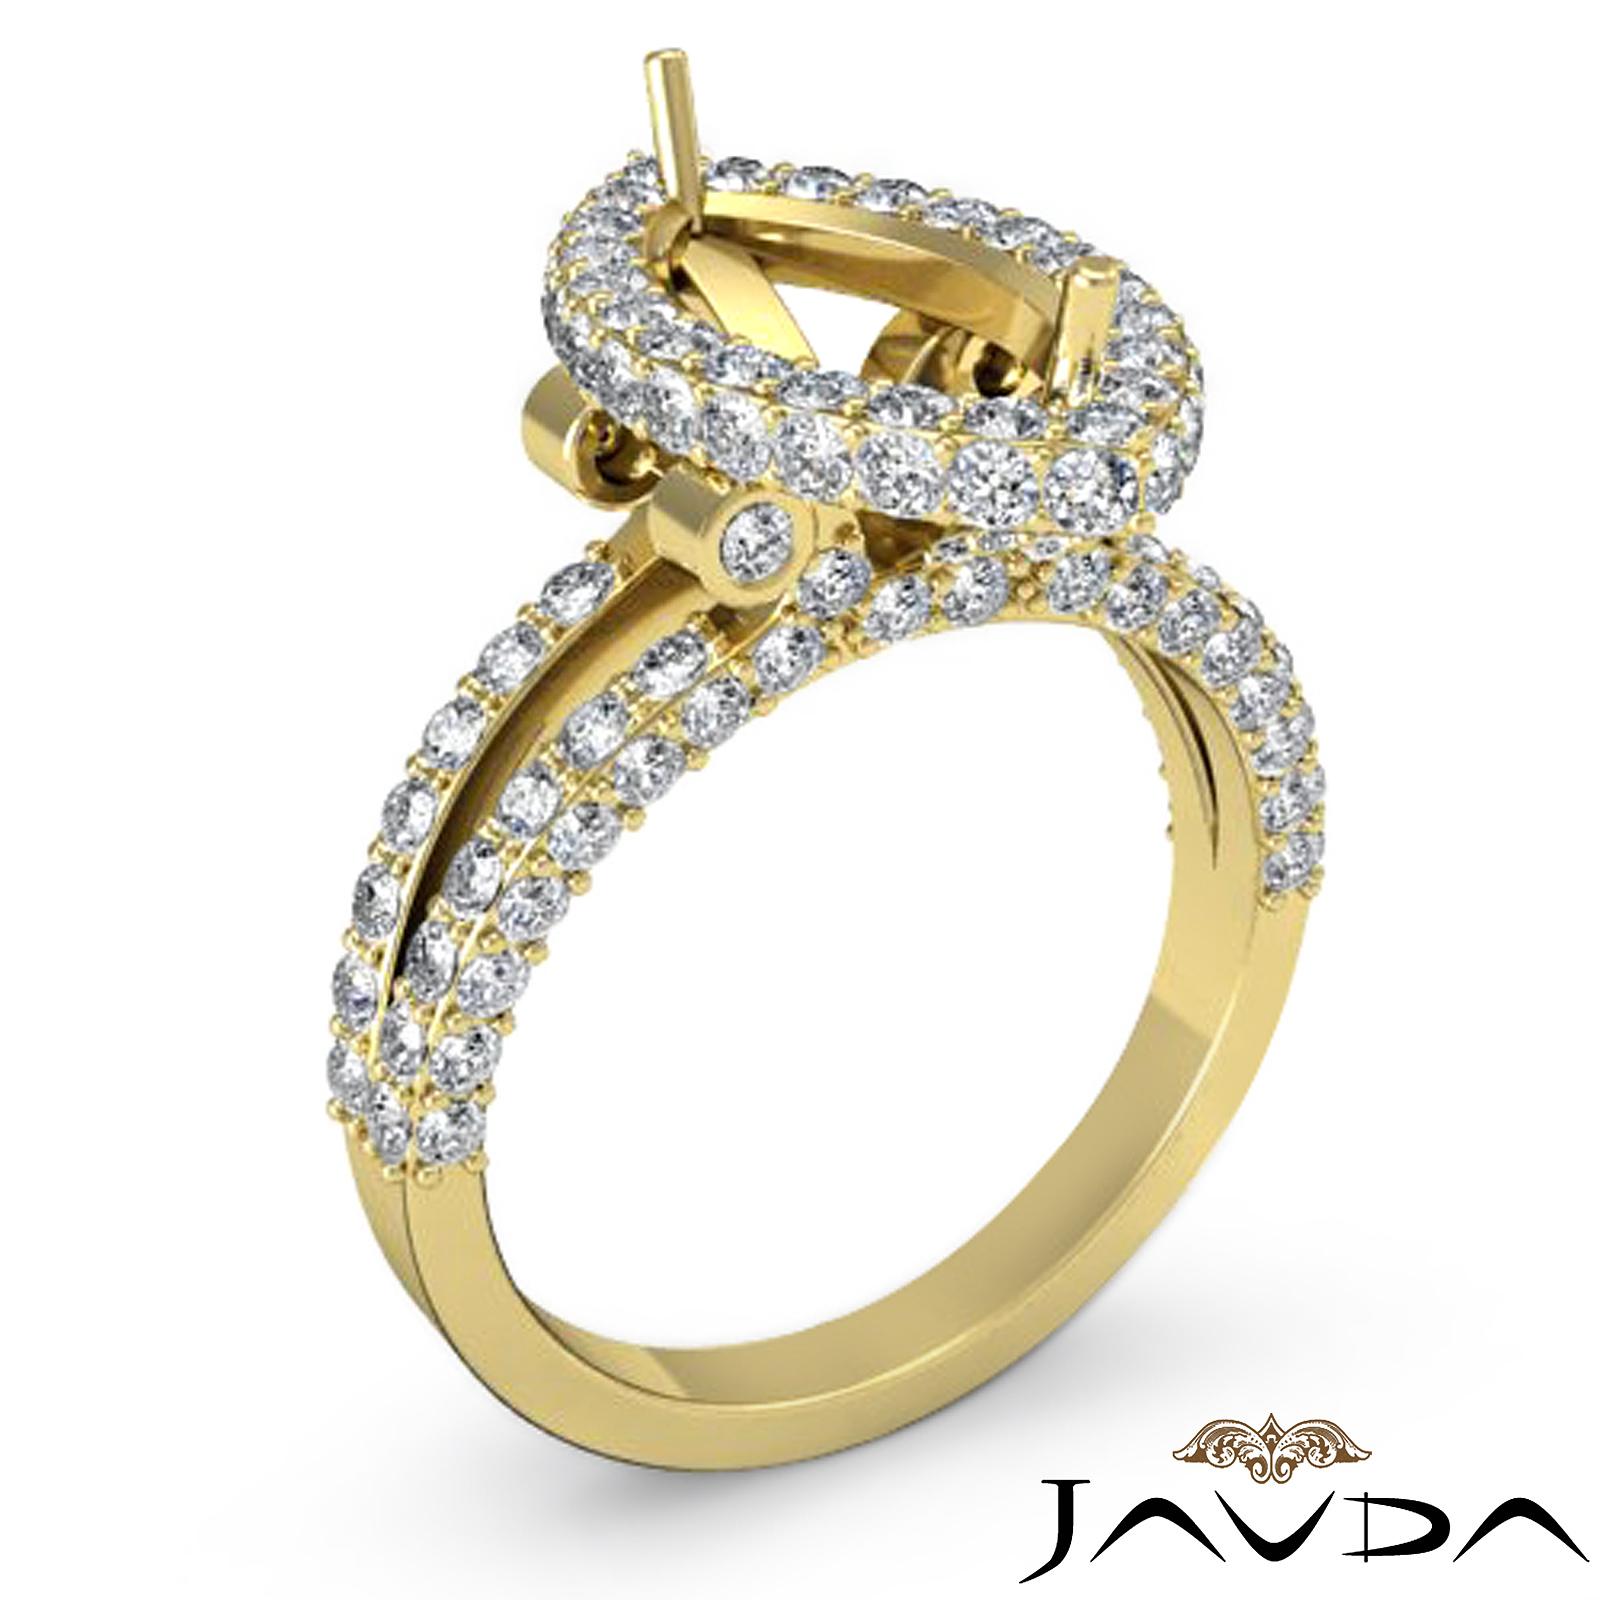 Halo Set Diamond Engagement Marquise Shape Semi Mount Ring